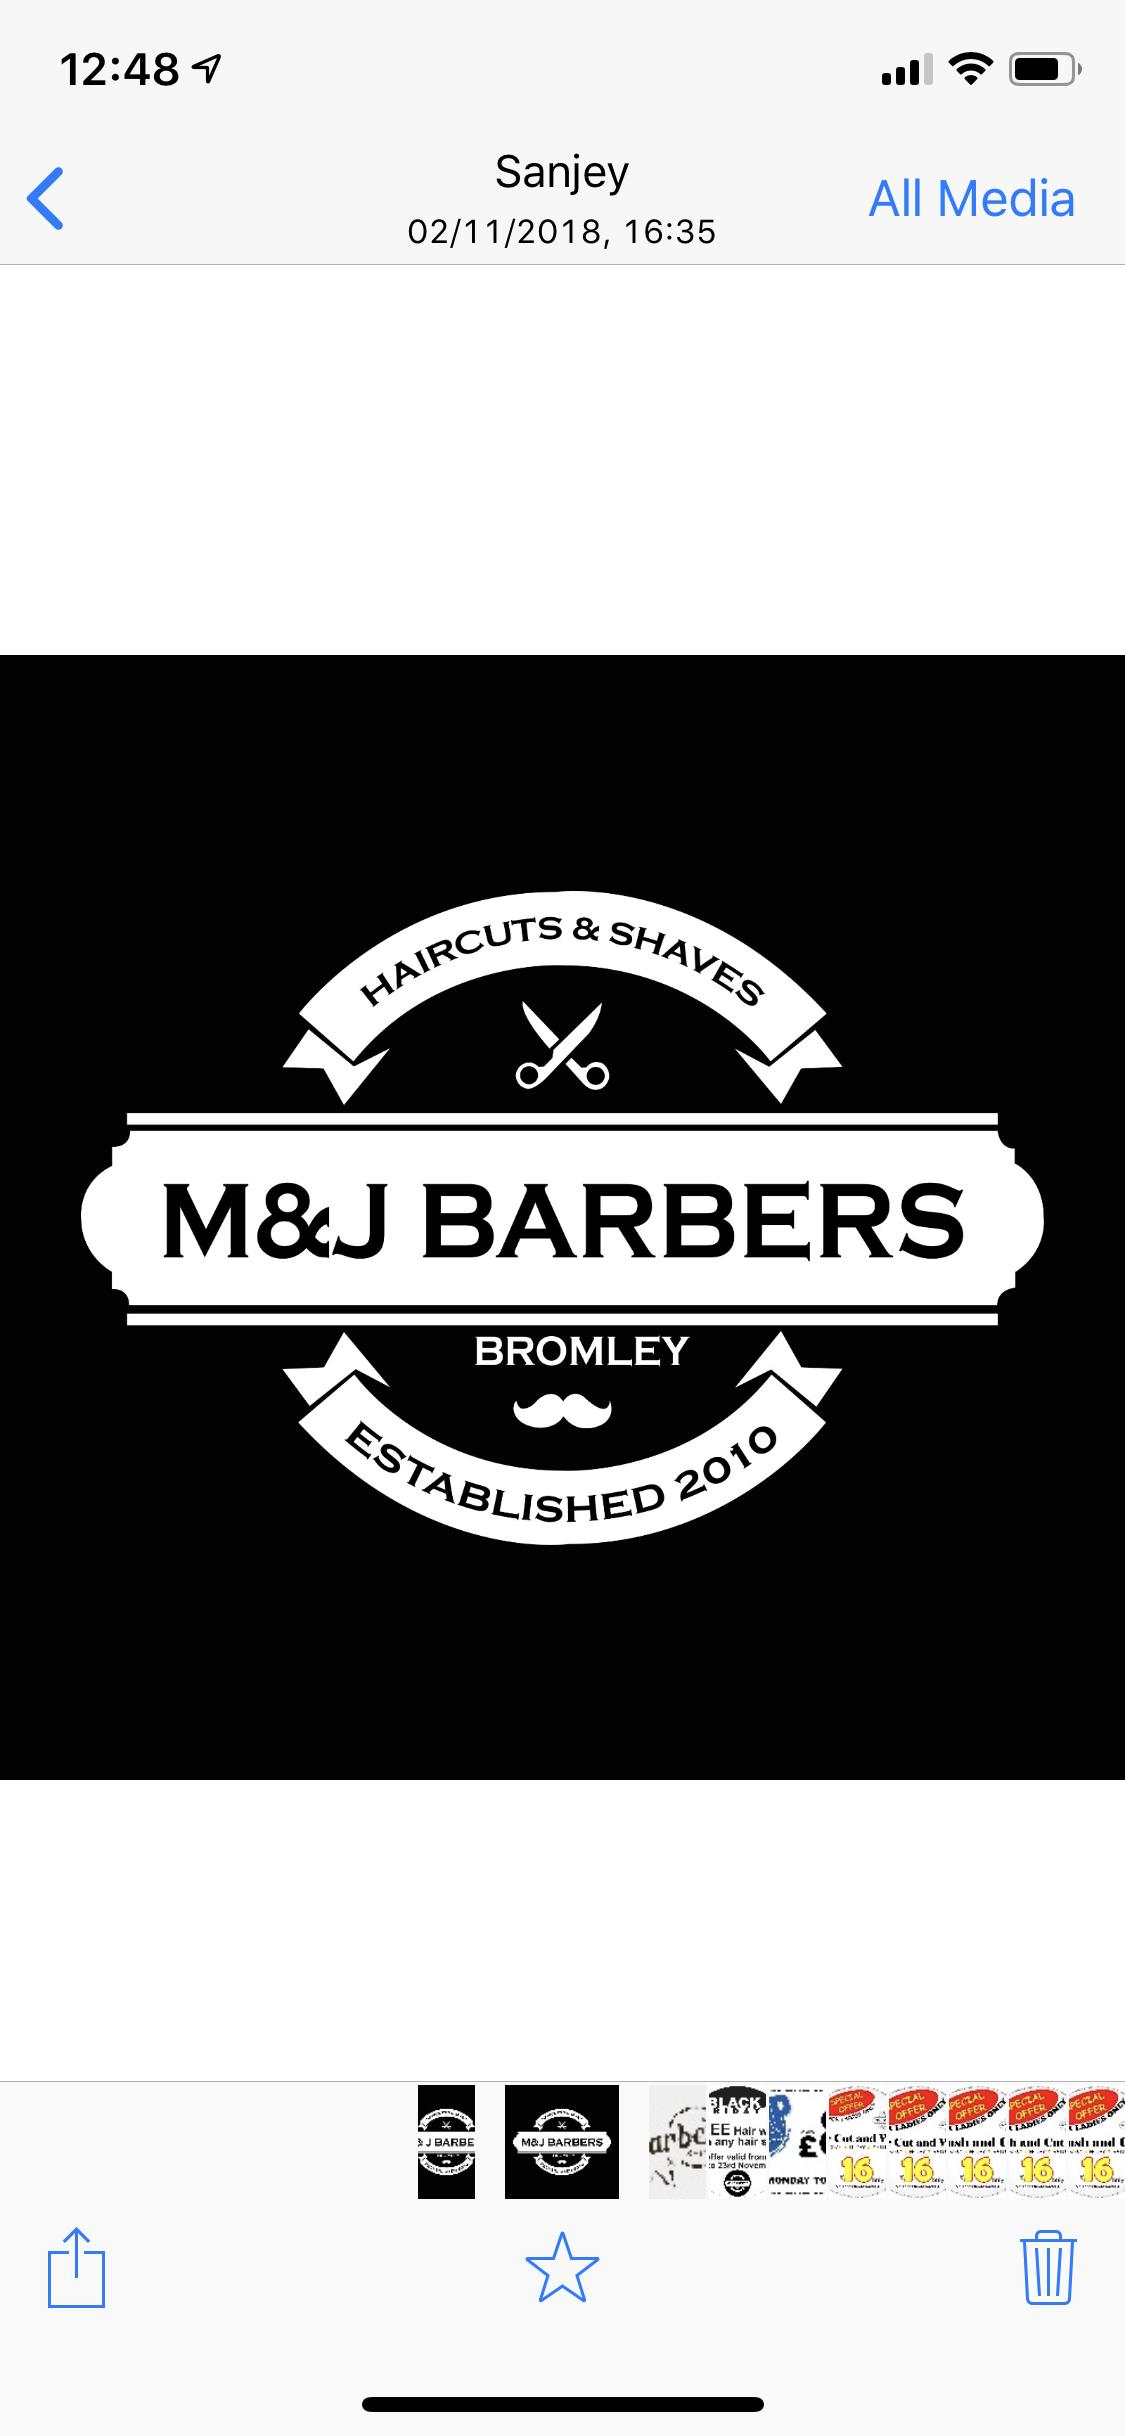 M&J Barbers